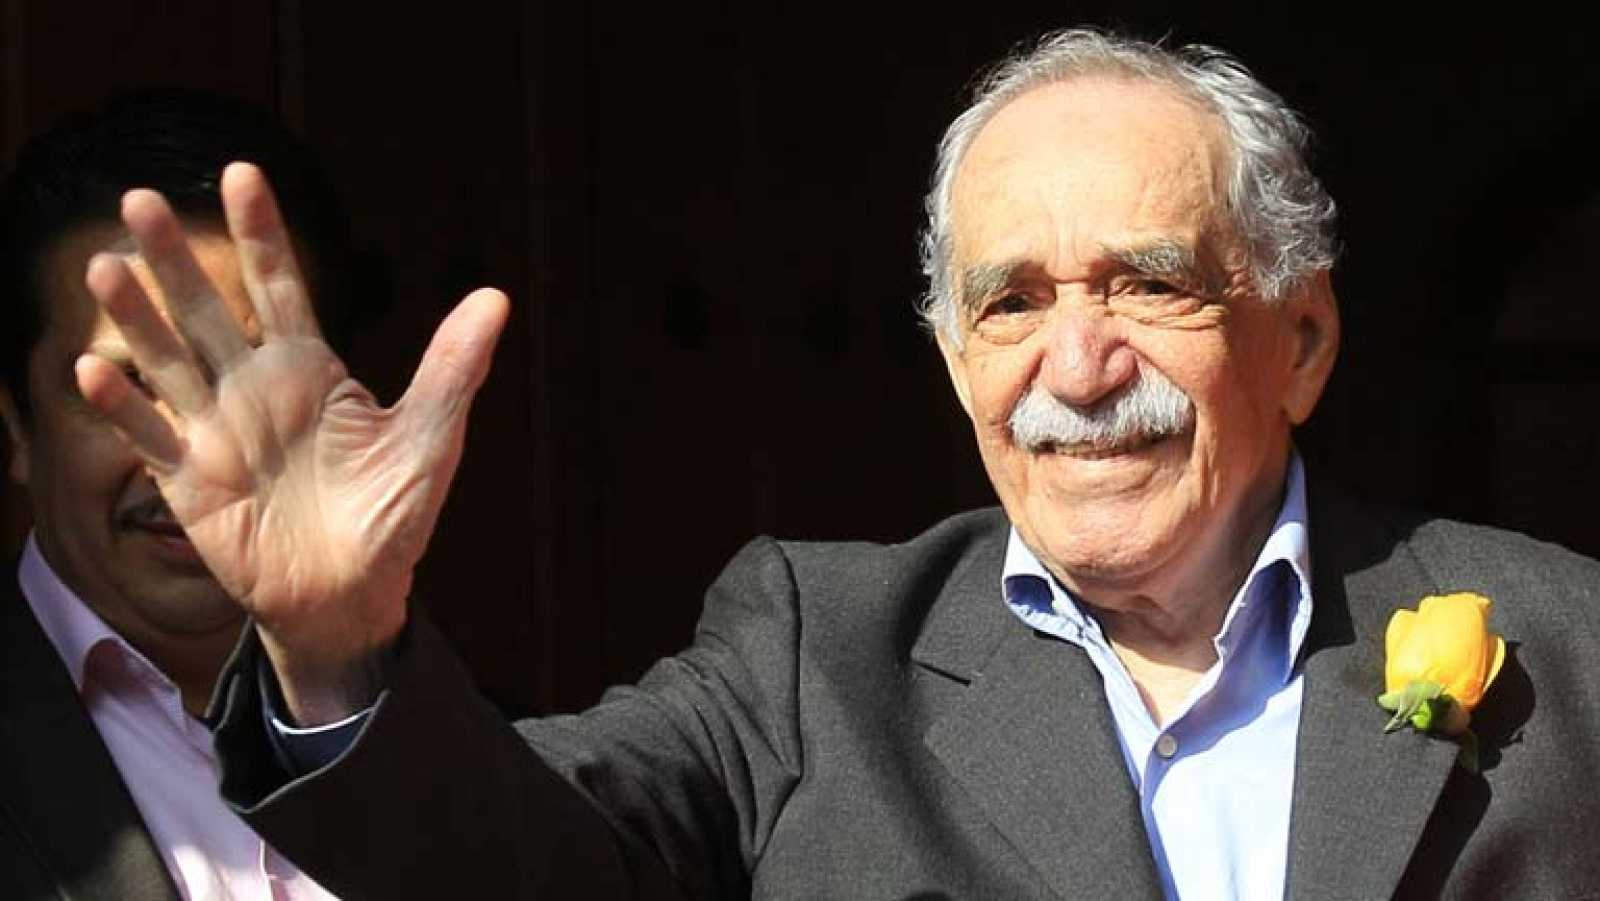 El escritor Gabriel García Márquez cumple 87 años - RTVE.es